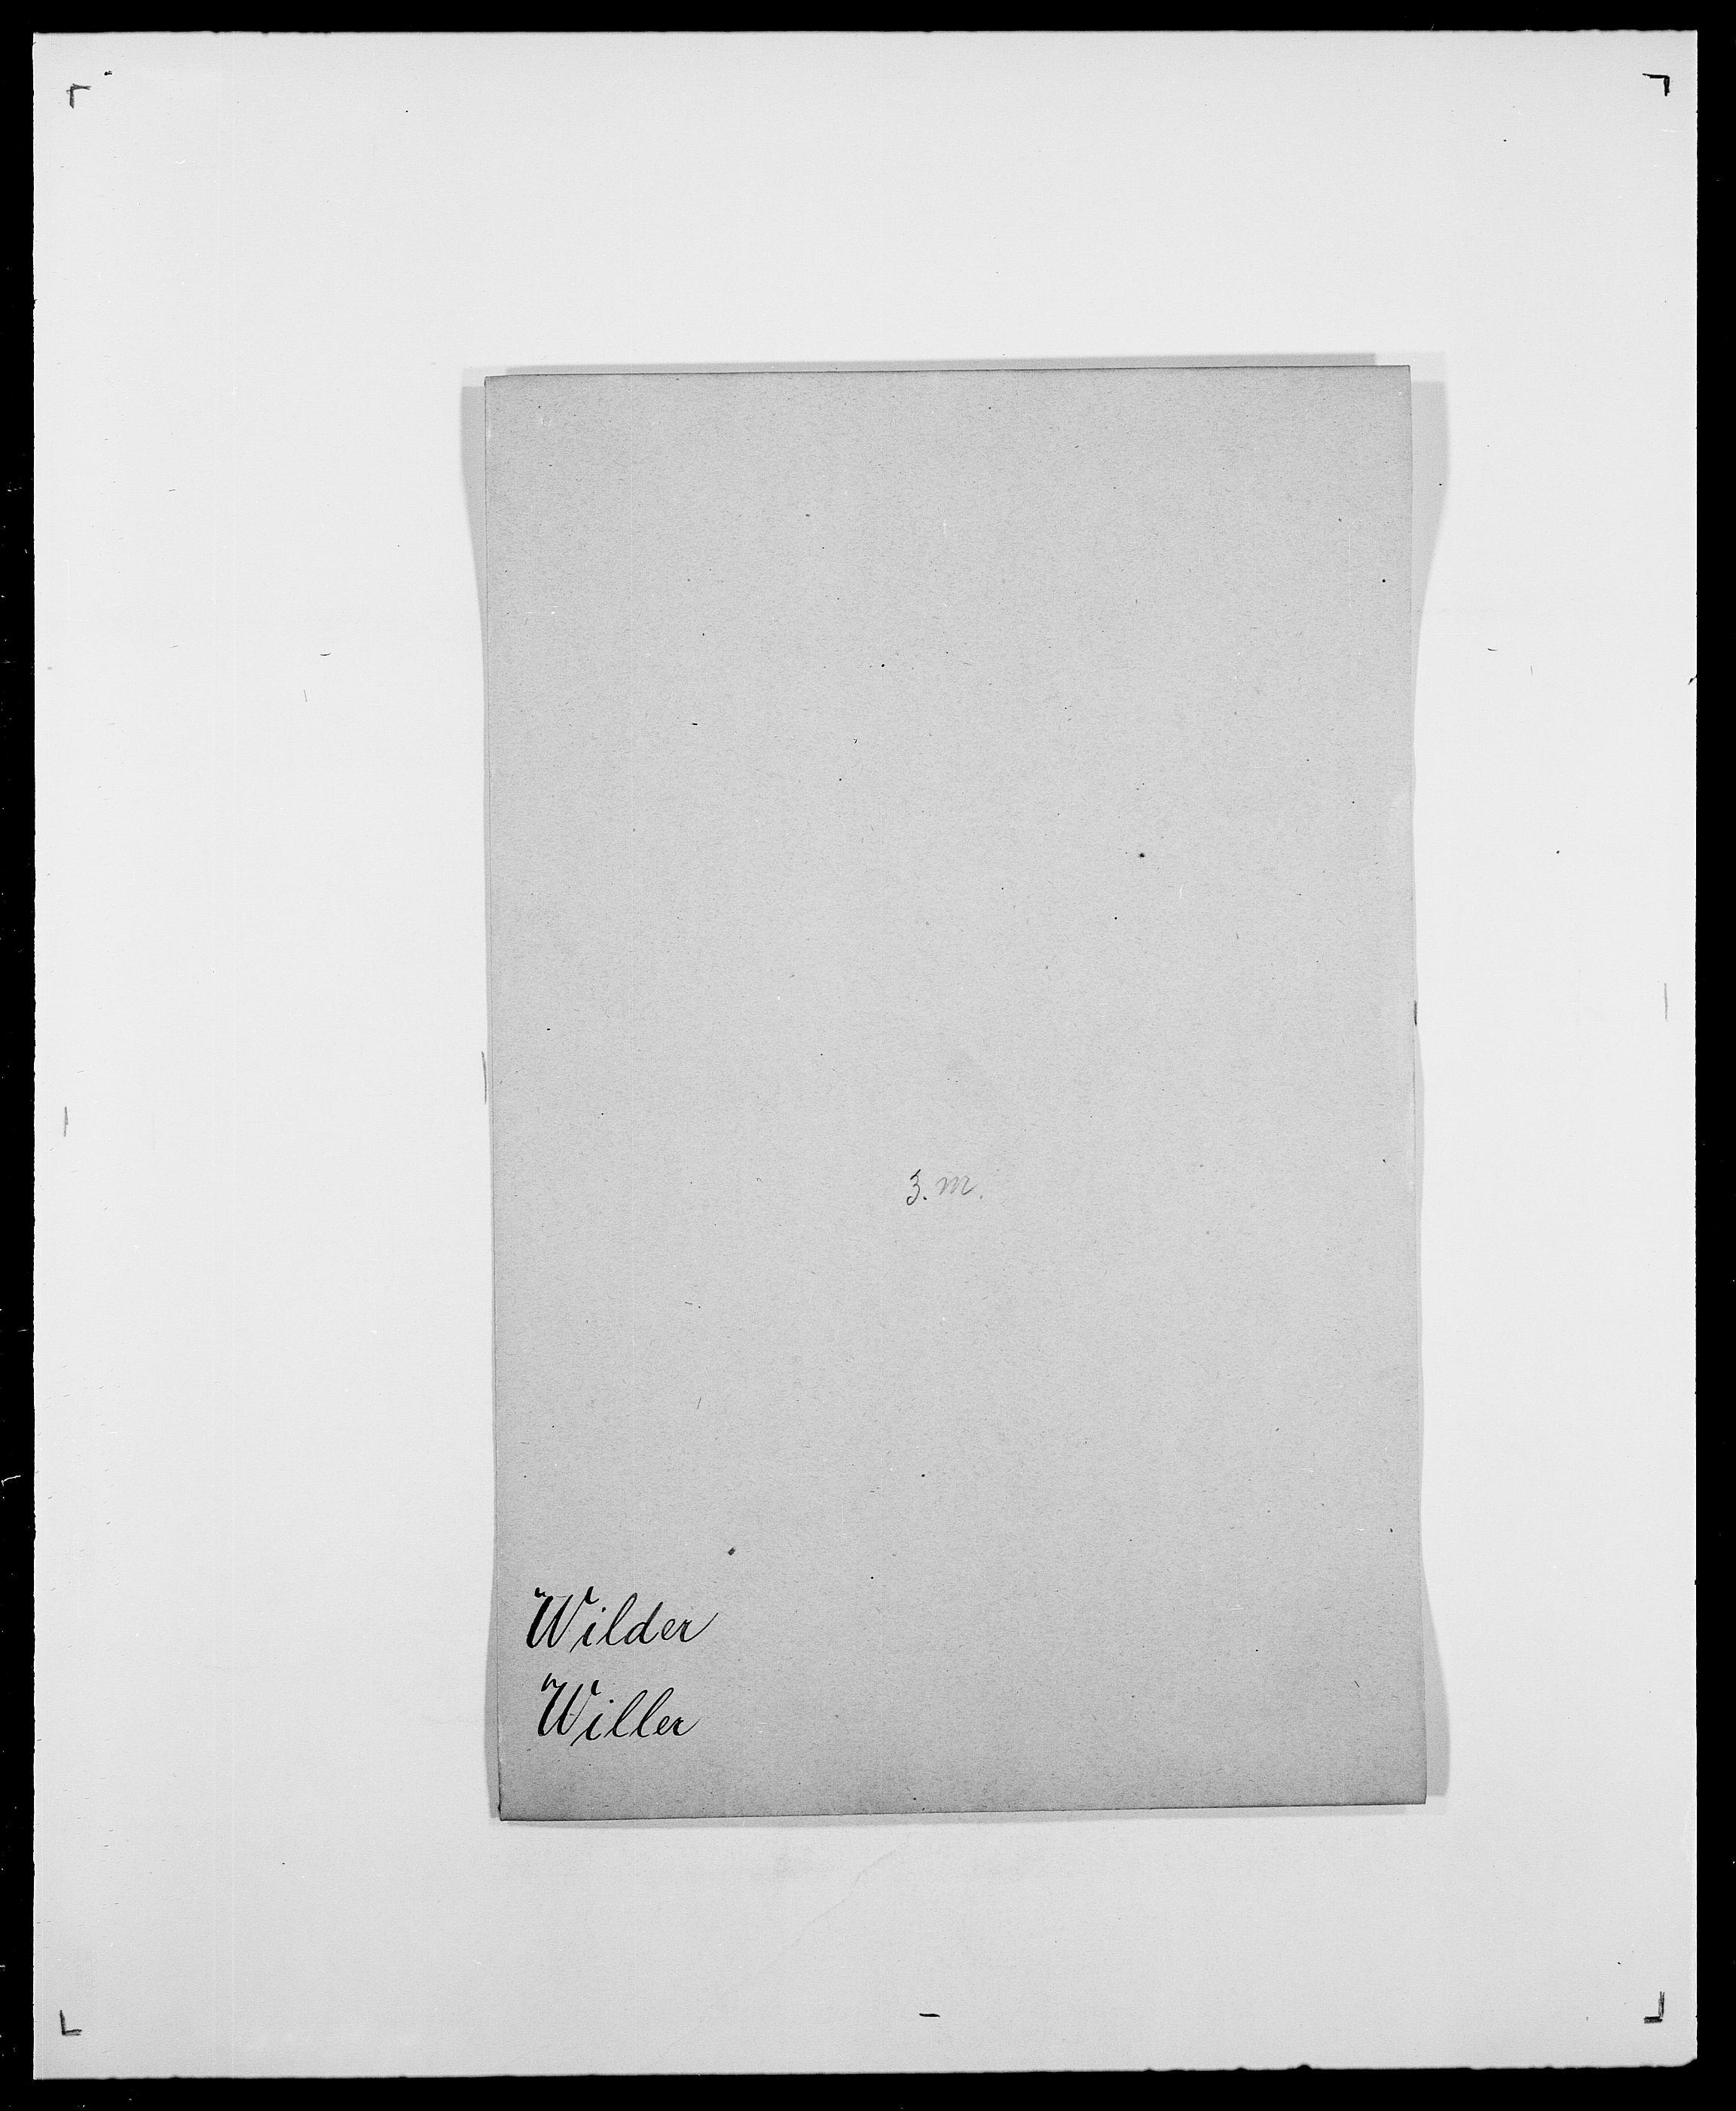 SAO, Delgobe, Charles Antoine - samling, D/Da/L0042: Vilain - Wulf, Wulff, se også Wolf, s. 22